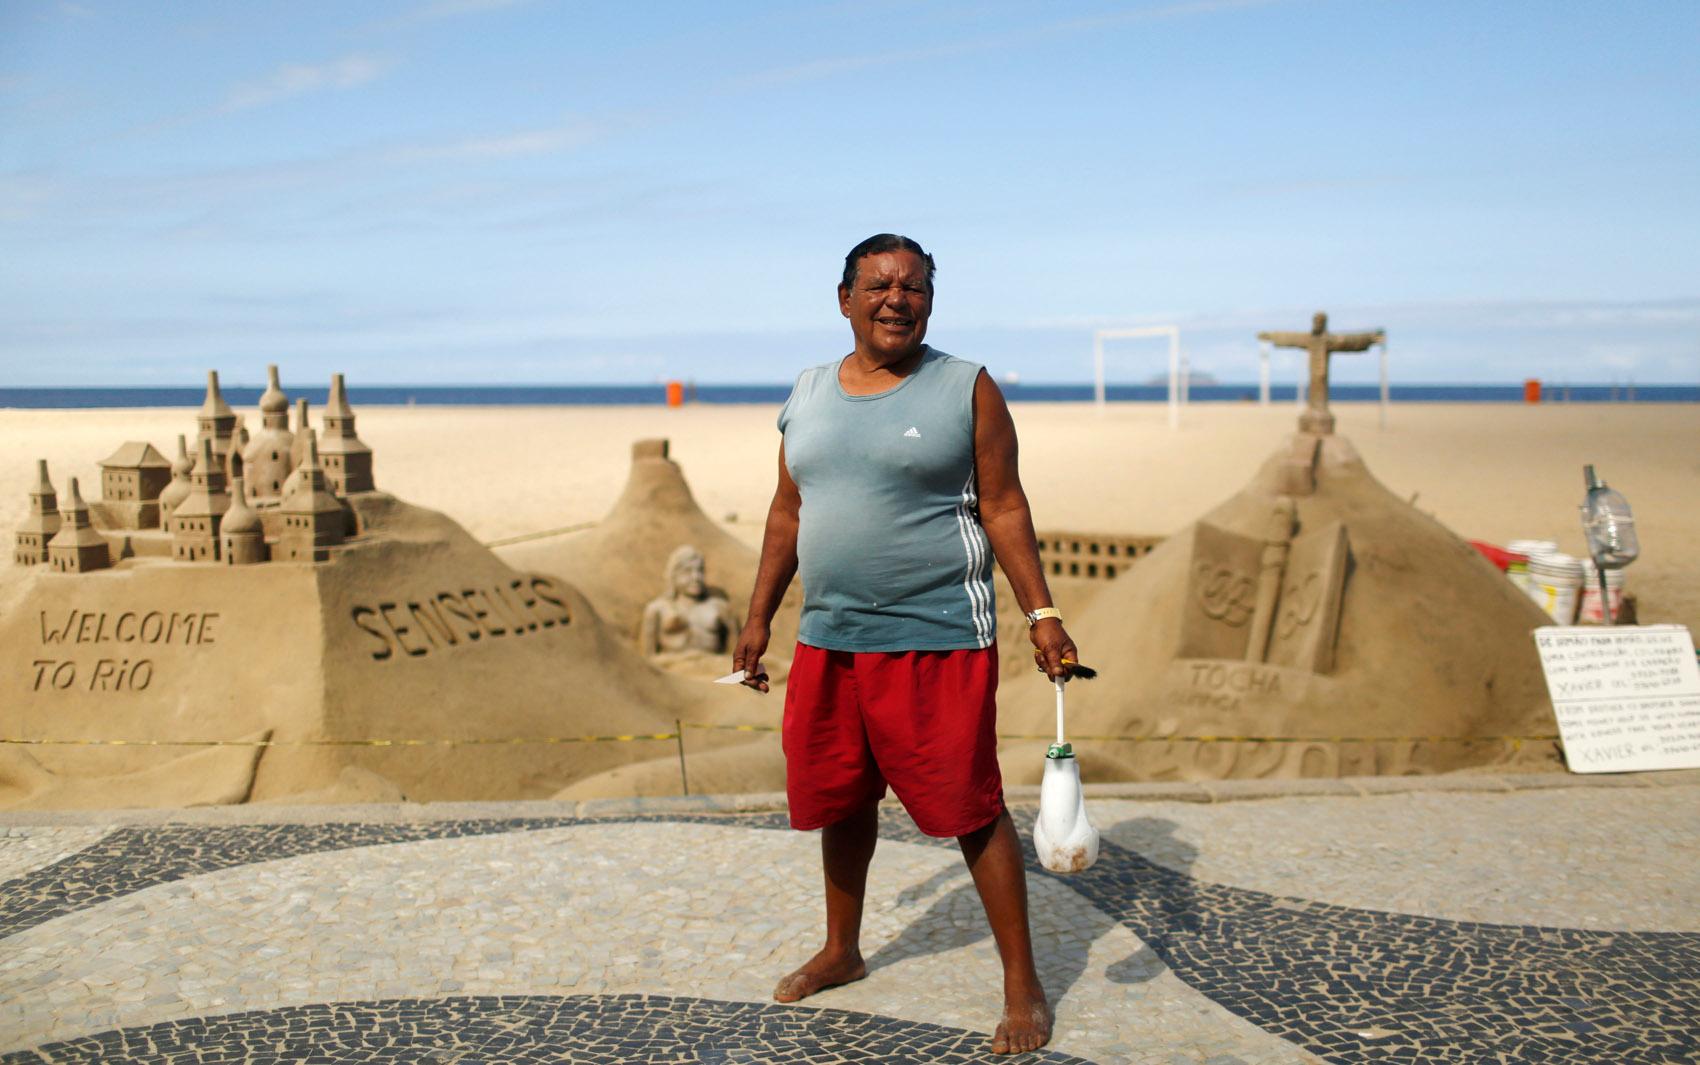 Xavier Fonseca, escultor de areia de 70 anos, posa na praia de Copacabana. Para ele 'Os jogos são uma grande oportunidade para as pessoas que trabalham com turismo'. Ele também acha que os cariocas vão se beneficiar das melhorias no transporte público